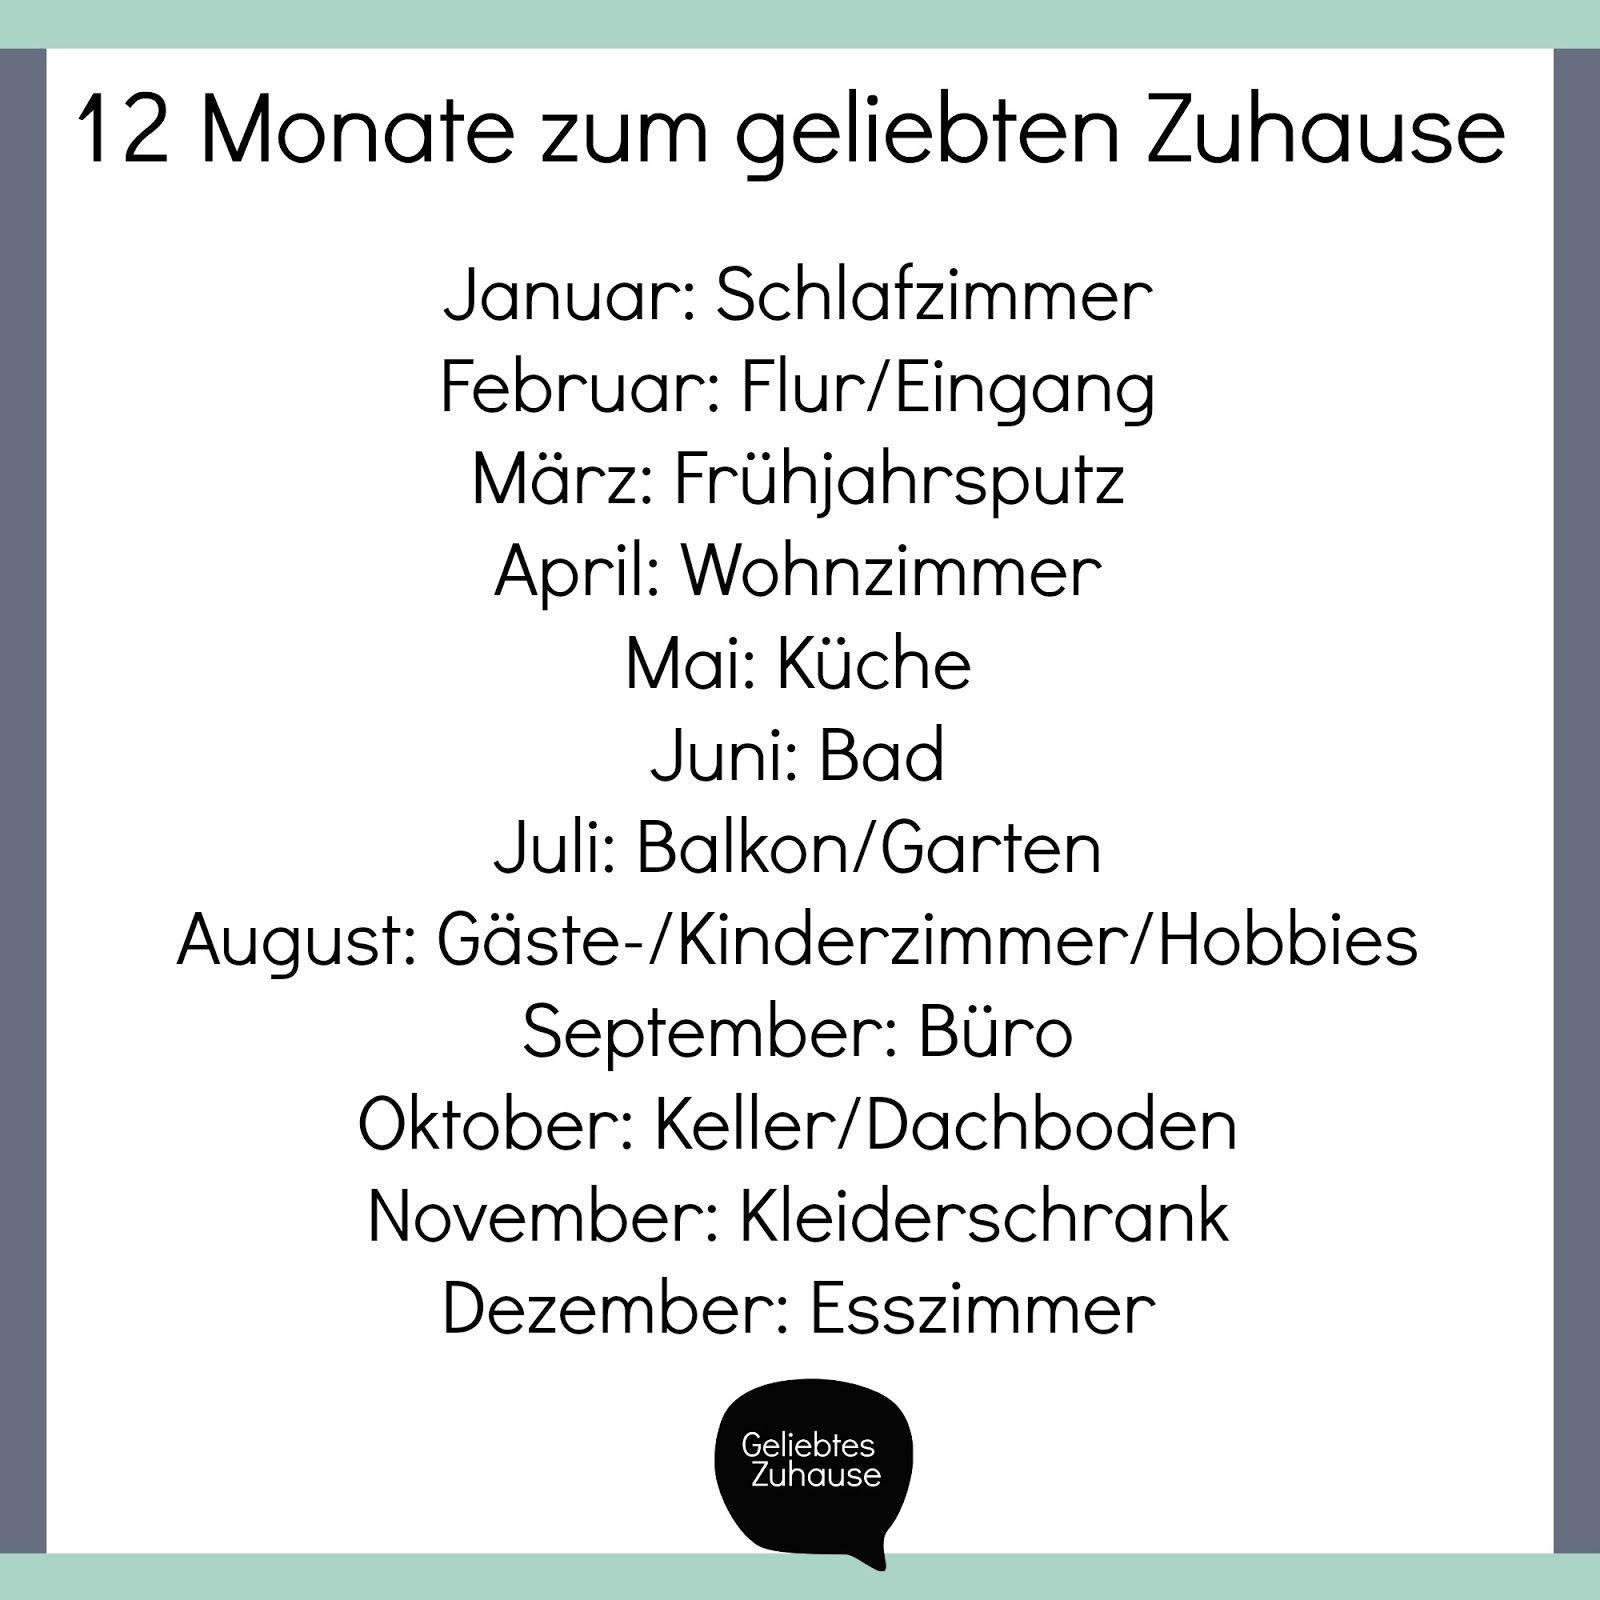 Gratis Vorlage Plan für ein geliebtes Zuhause - Der Jahresplan plus ...